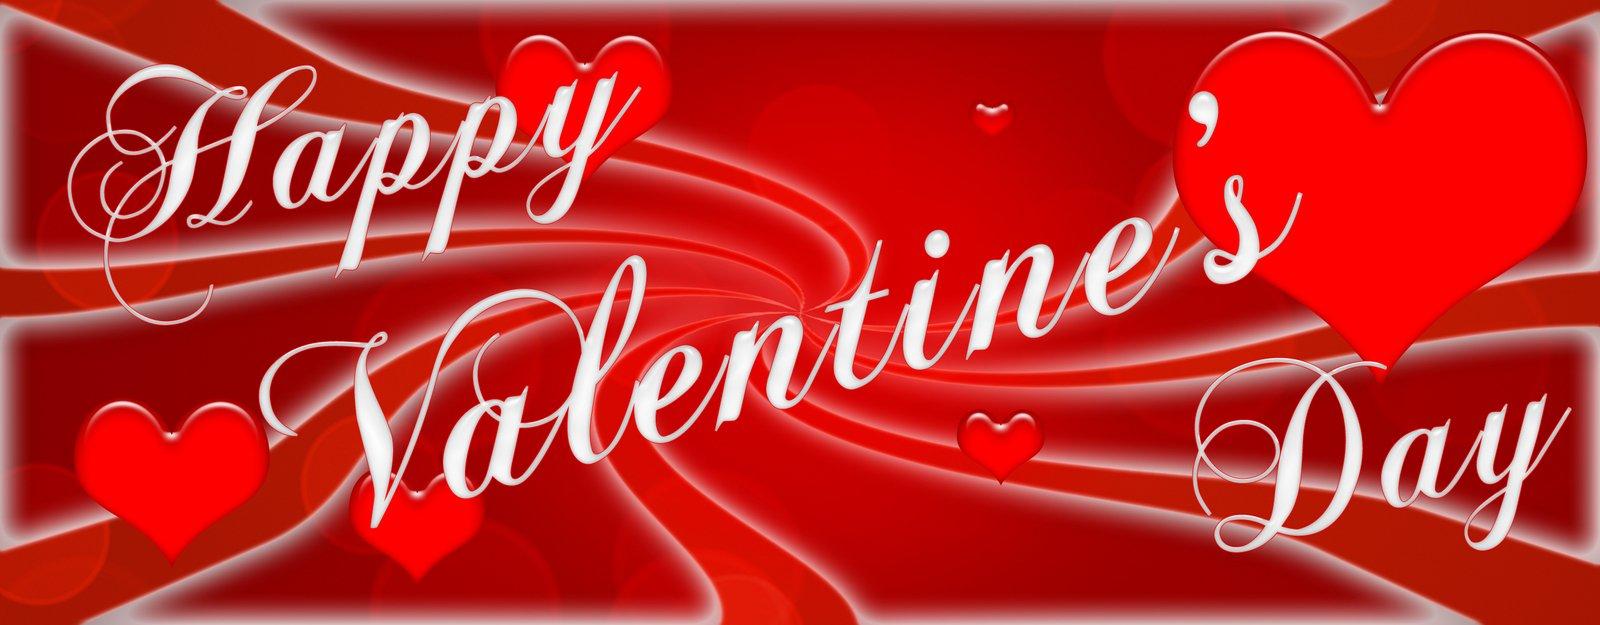 free happy valentines day stock photo